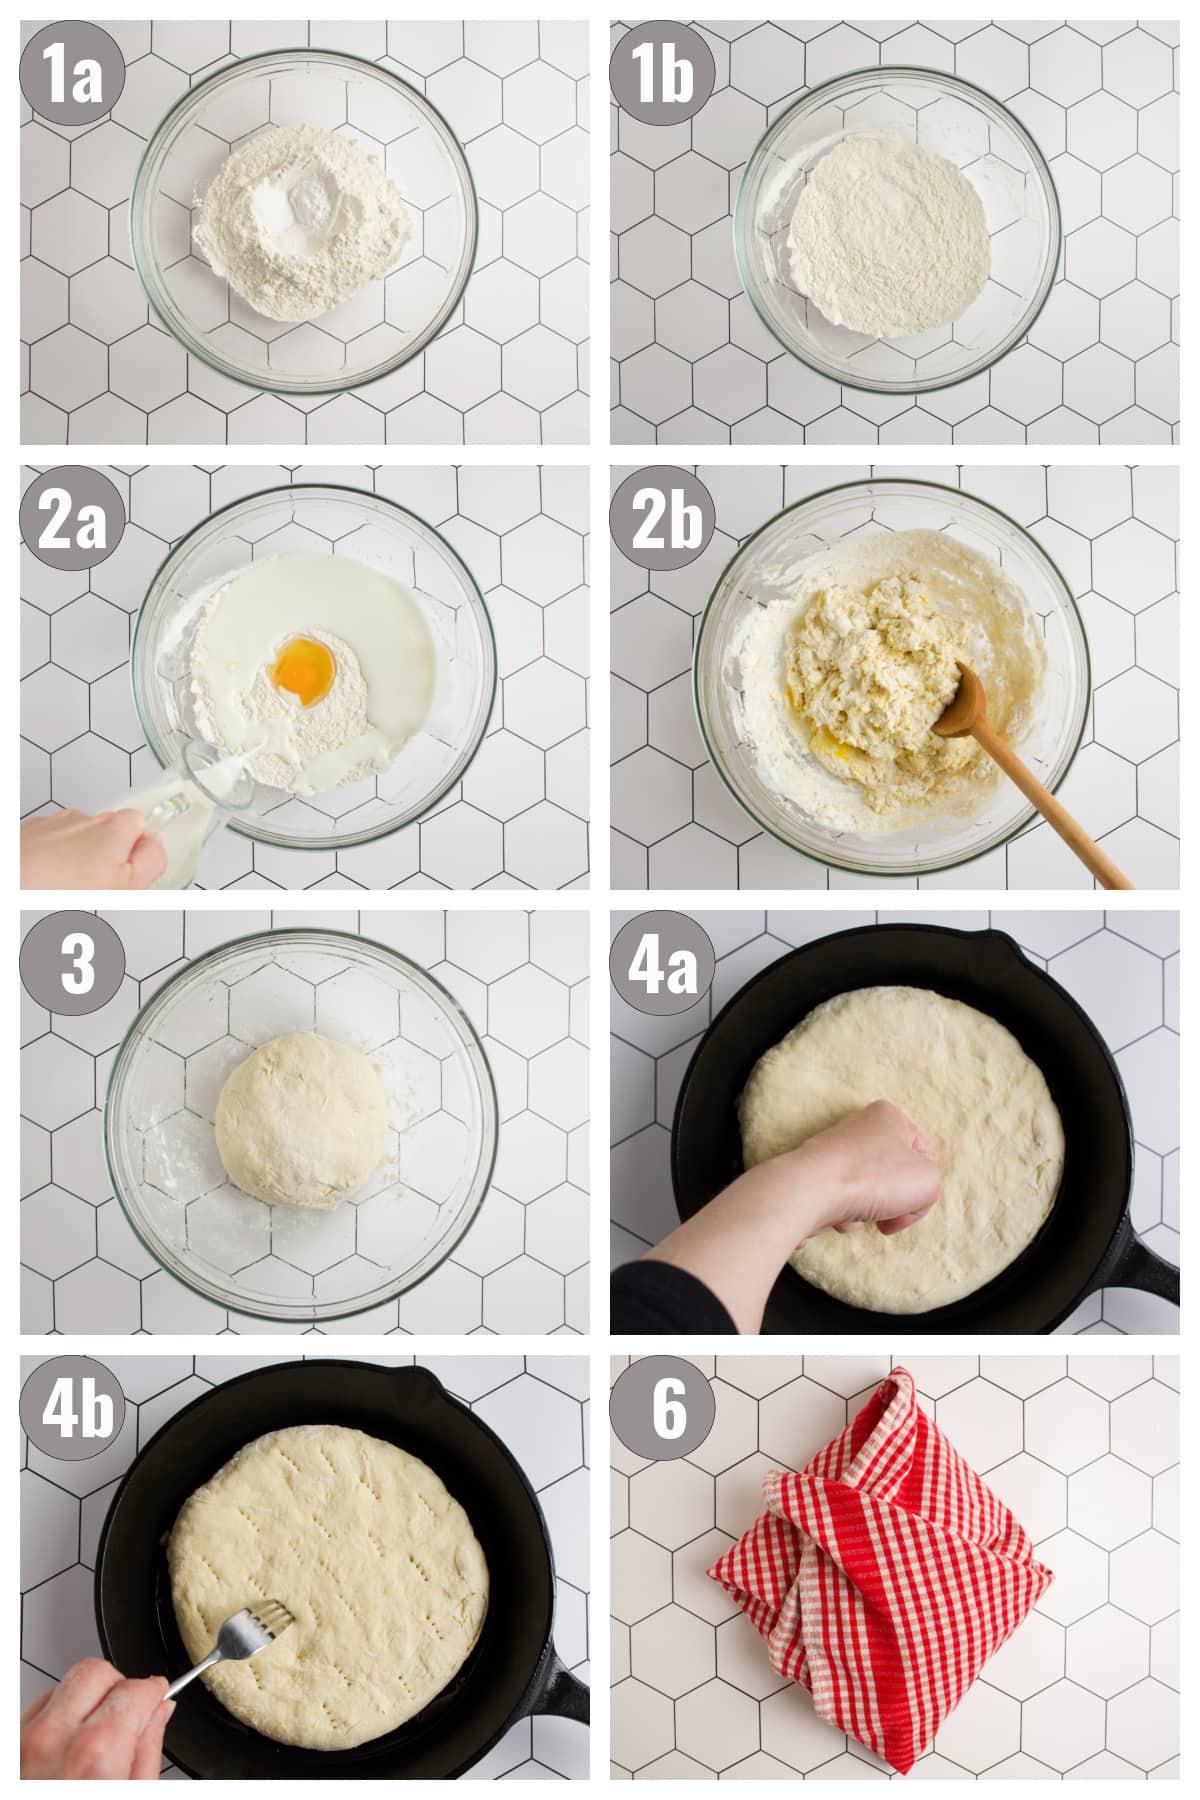 Steps to make pogacha.